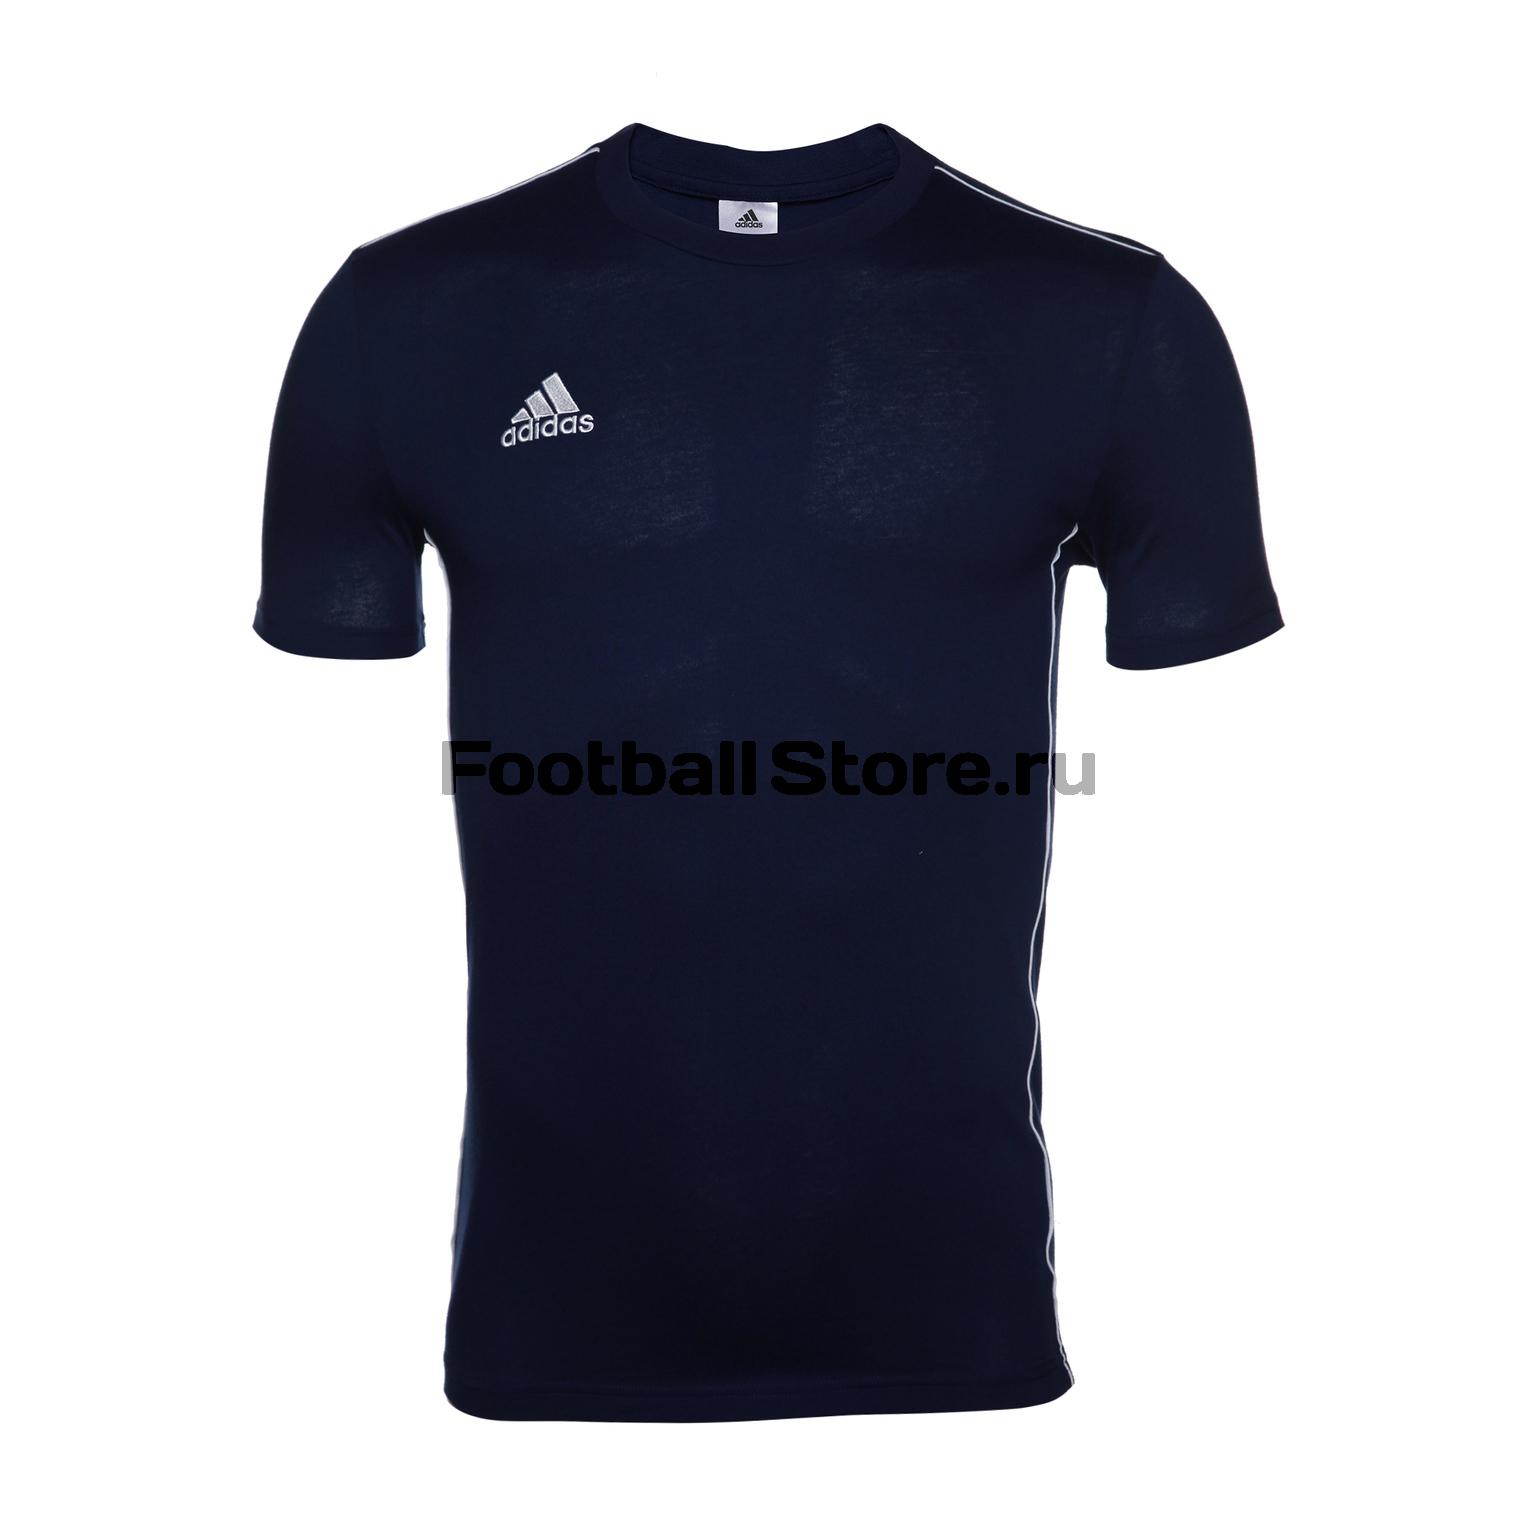 Футболка тренировочная Adidas Core18 Tee CV3981 футболка adidas футболка stu clima tee